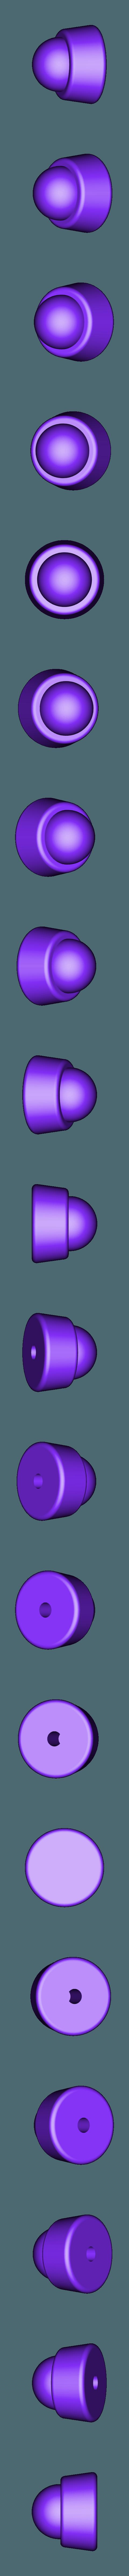 300x300x350 - Gold - Grip End (Advent Children).stl Download STL file Final Fantasy VII - Buster Sword - Bracelet - Shoulder pad  • 3D print model, 3Dutchie